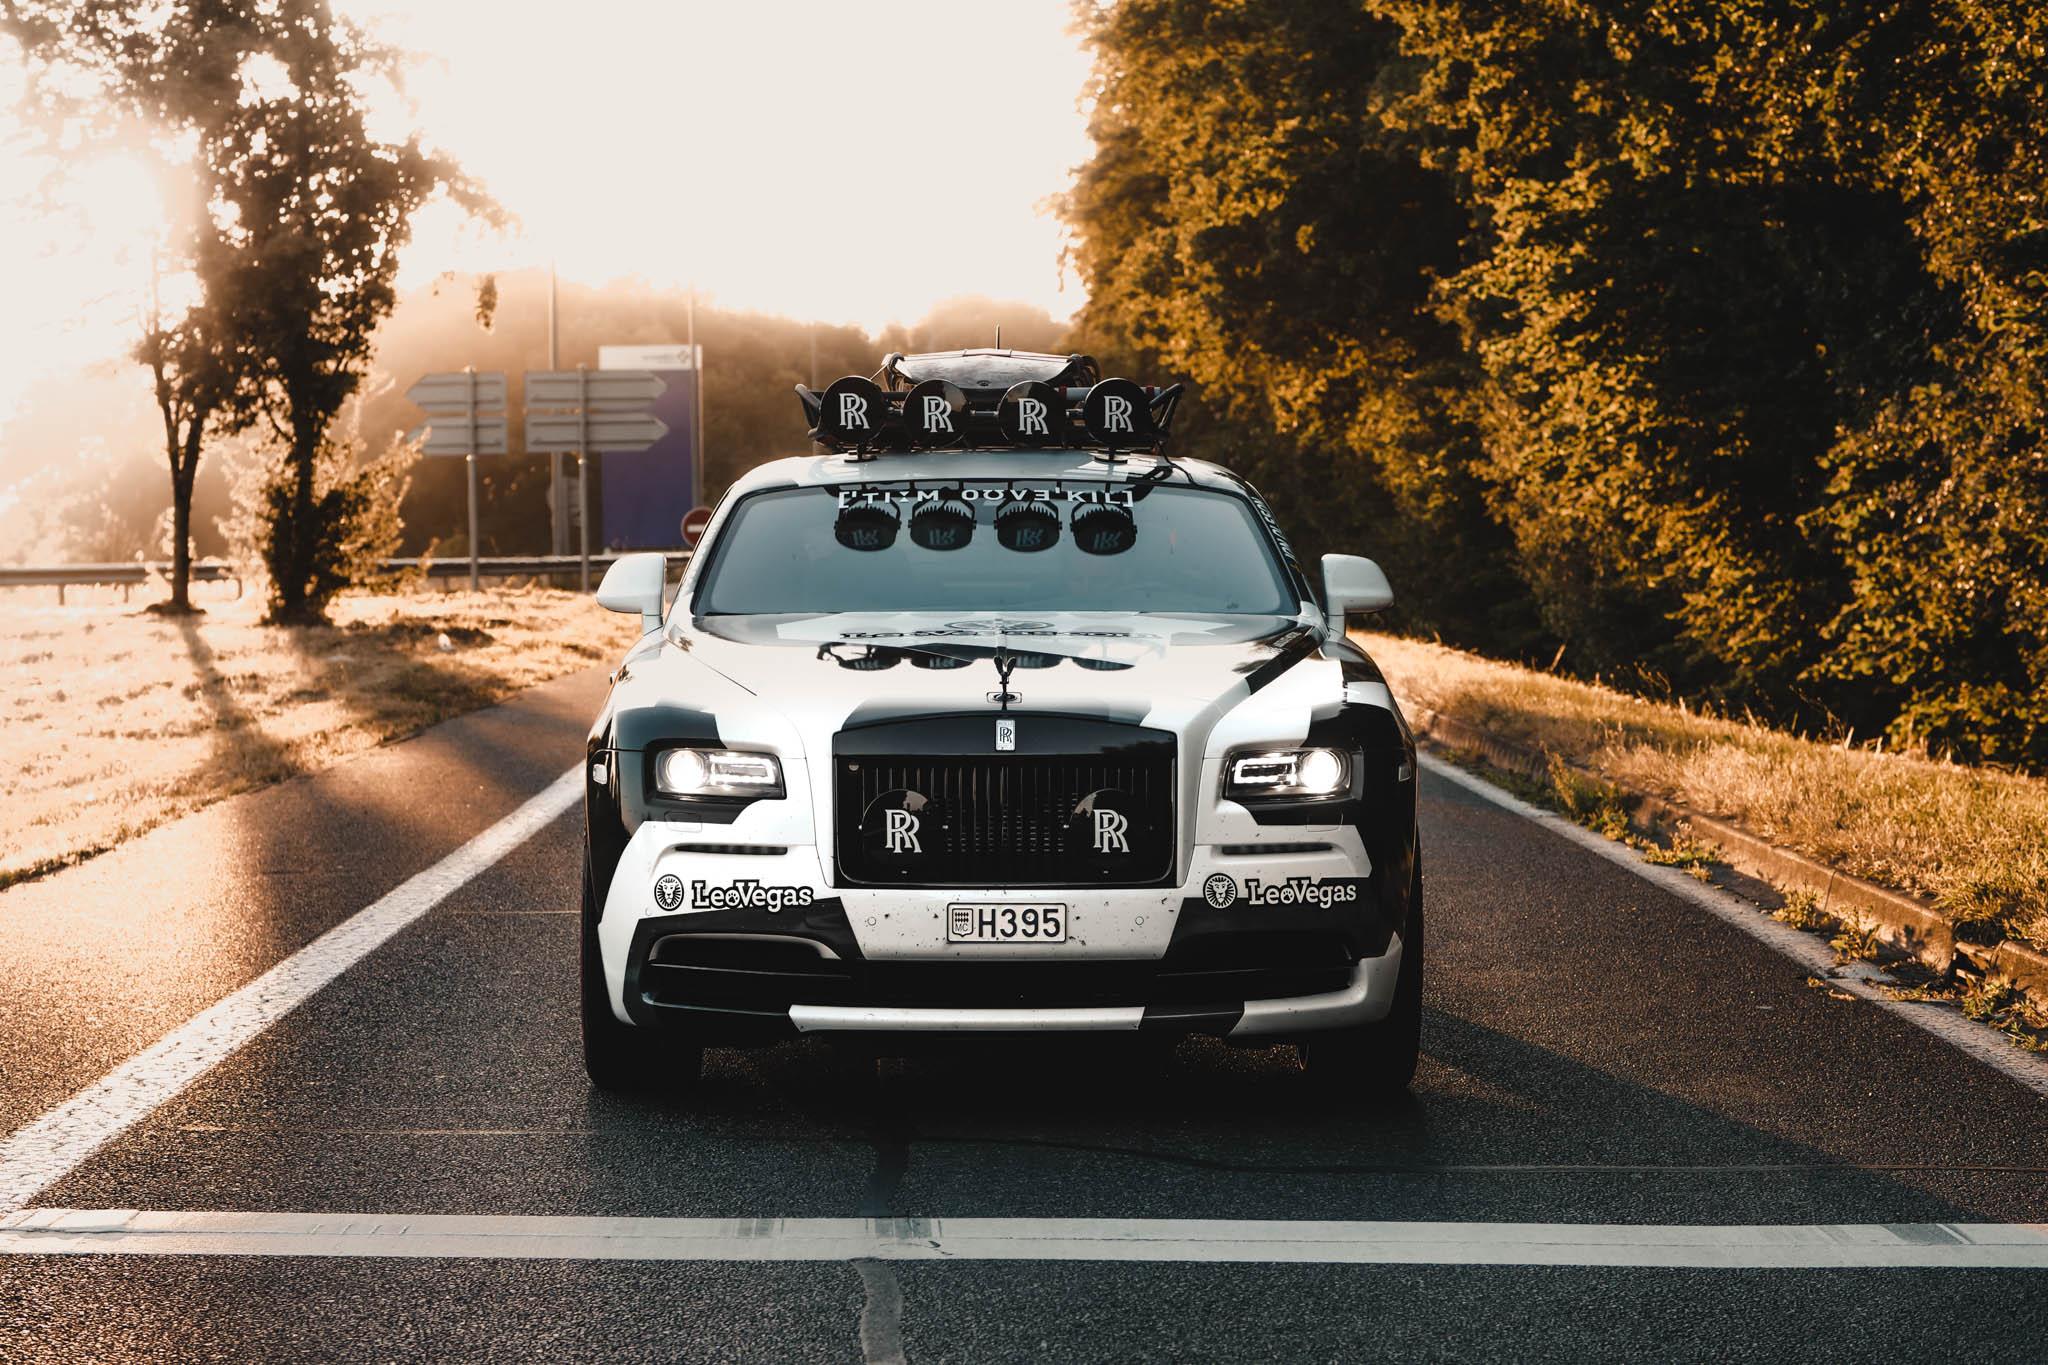 Последнее дополнение к безумной команде – убийственный 810 л.с. Rolls-Royce Wraith.